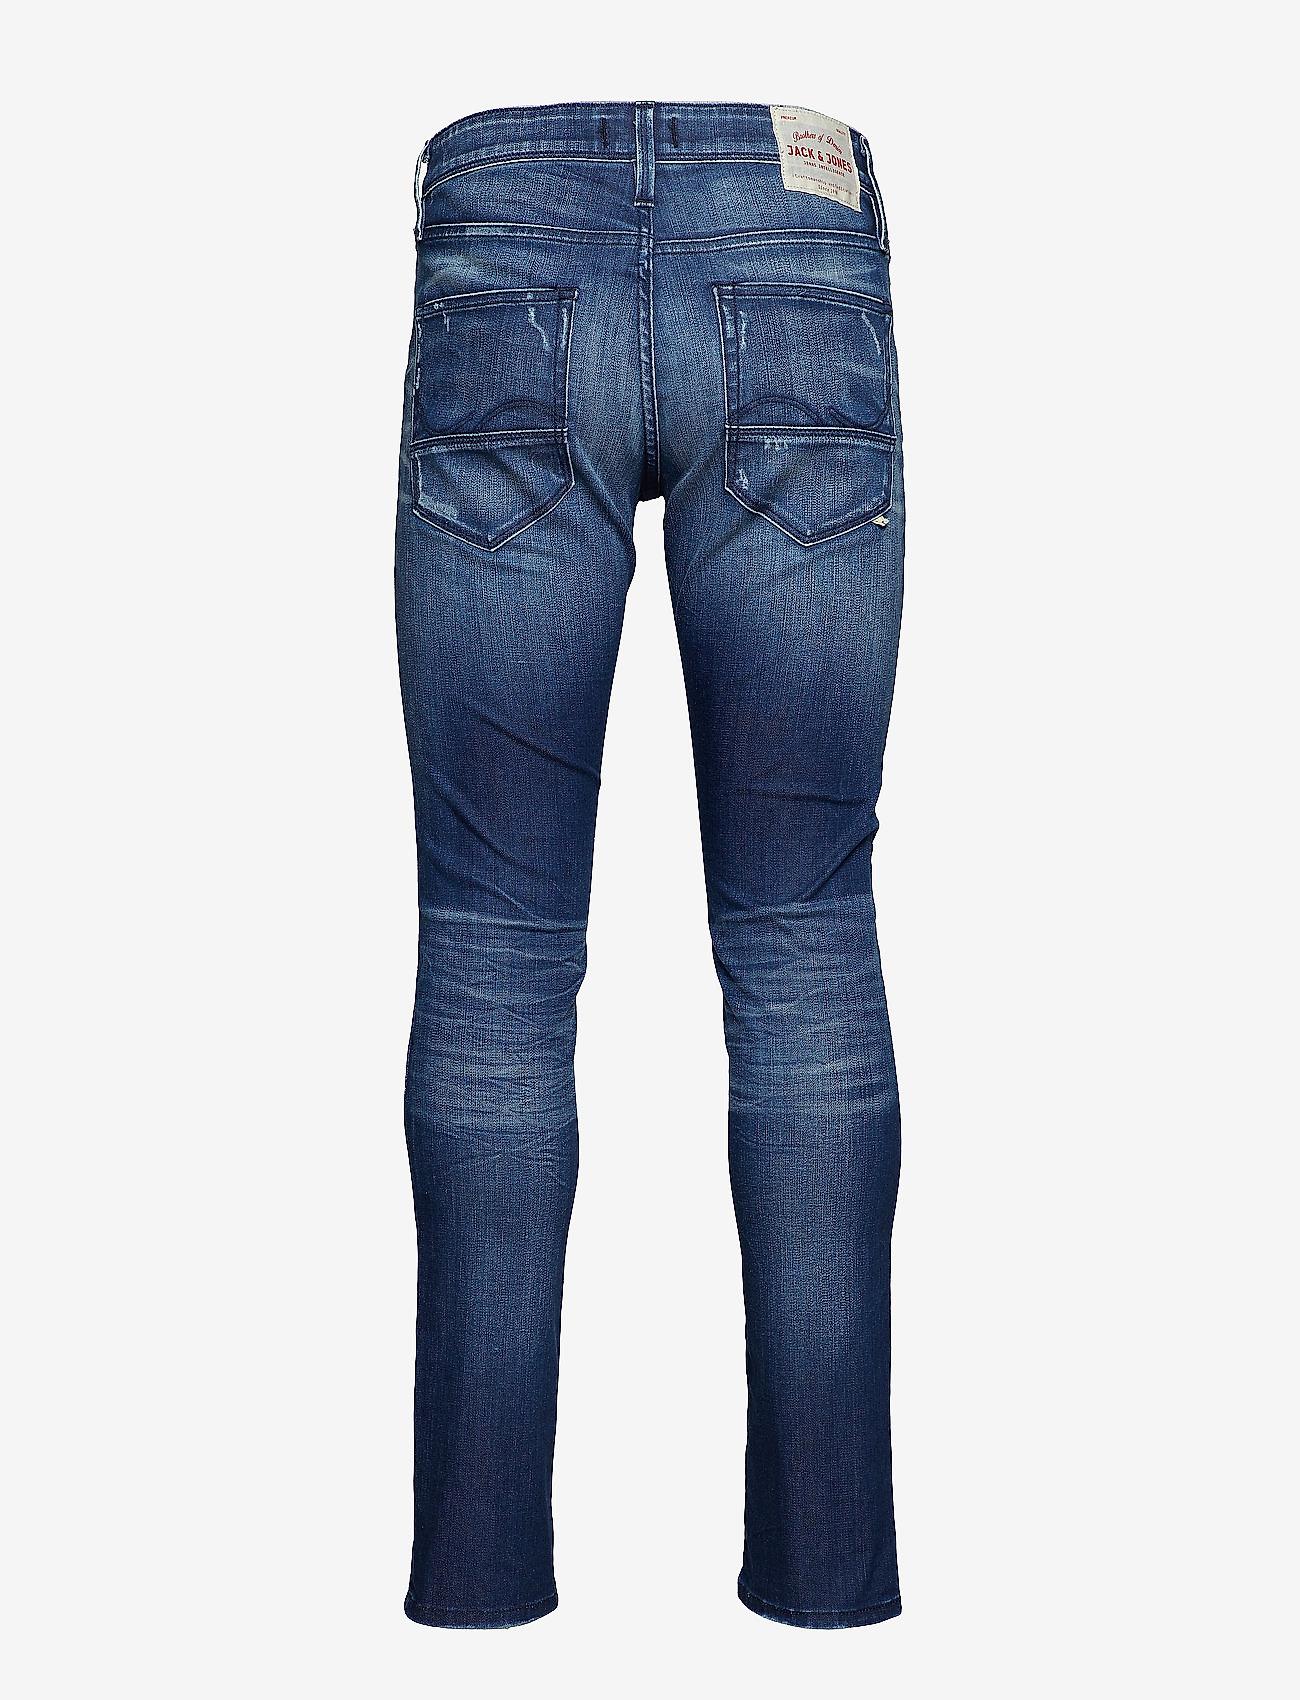 Jack & Jones Jjiglenn Jjfox Bl 857 Sts - Jeans Blue Denim